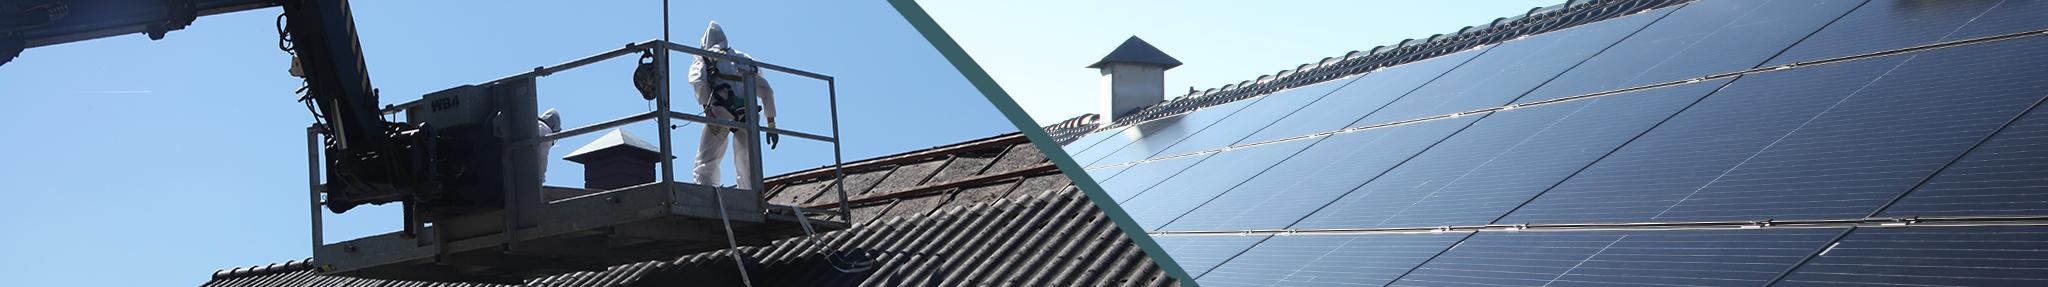 asbestvrij dak en zonnepanelen